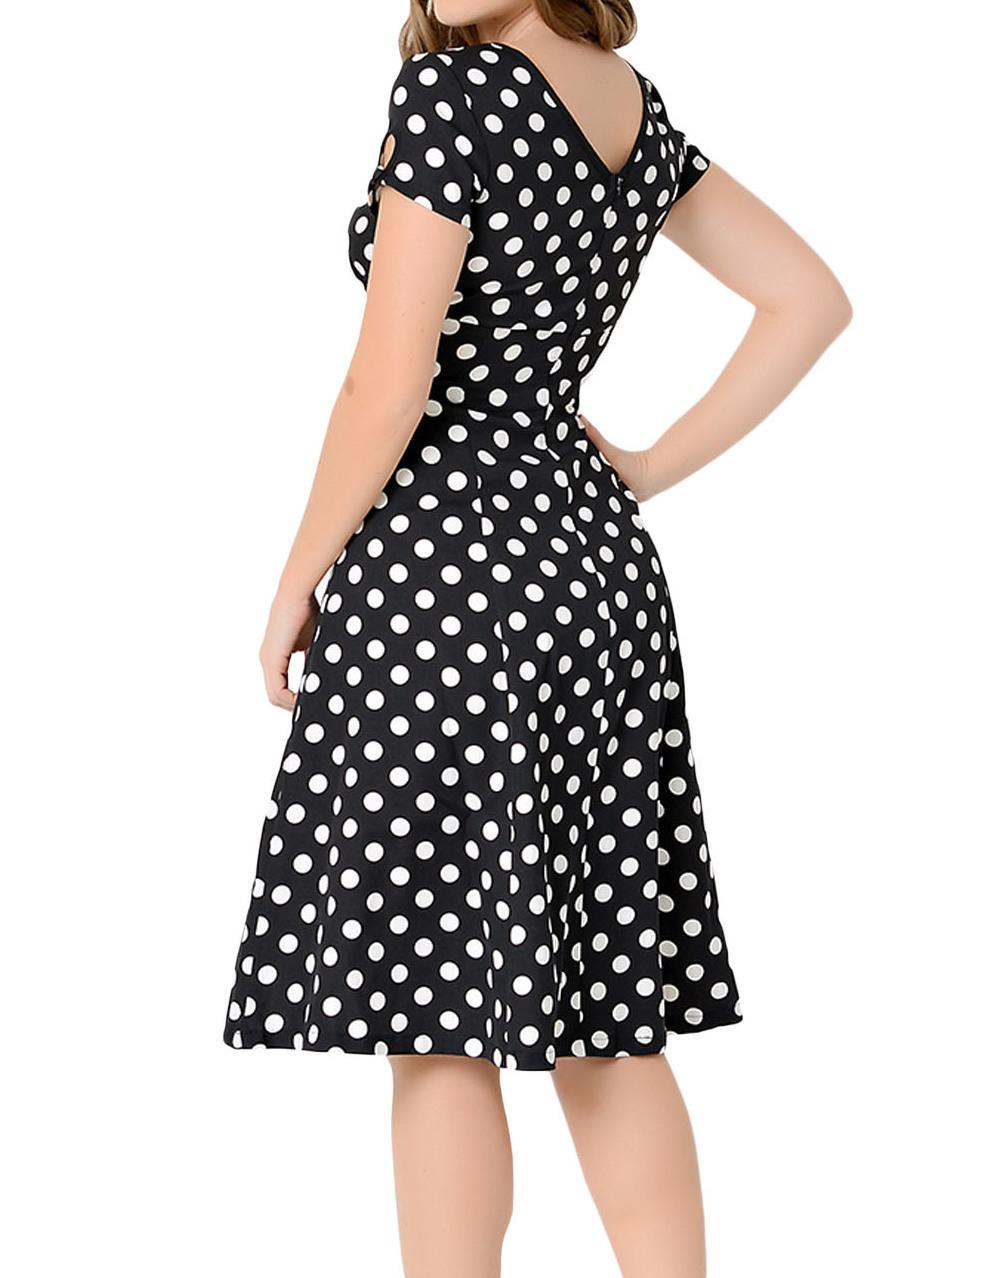 Formal Spektakulär Sommerkleid Schwarz Weiß SpezialgebietDesigner Genial Sommerkleid Schwarz Weiß Boutique